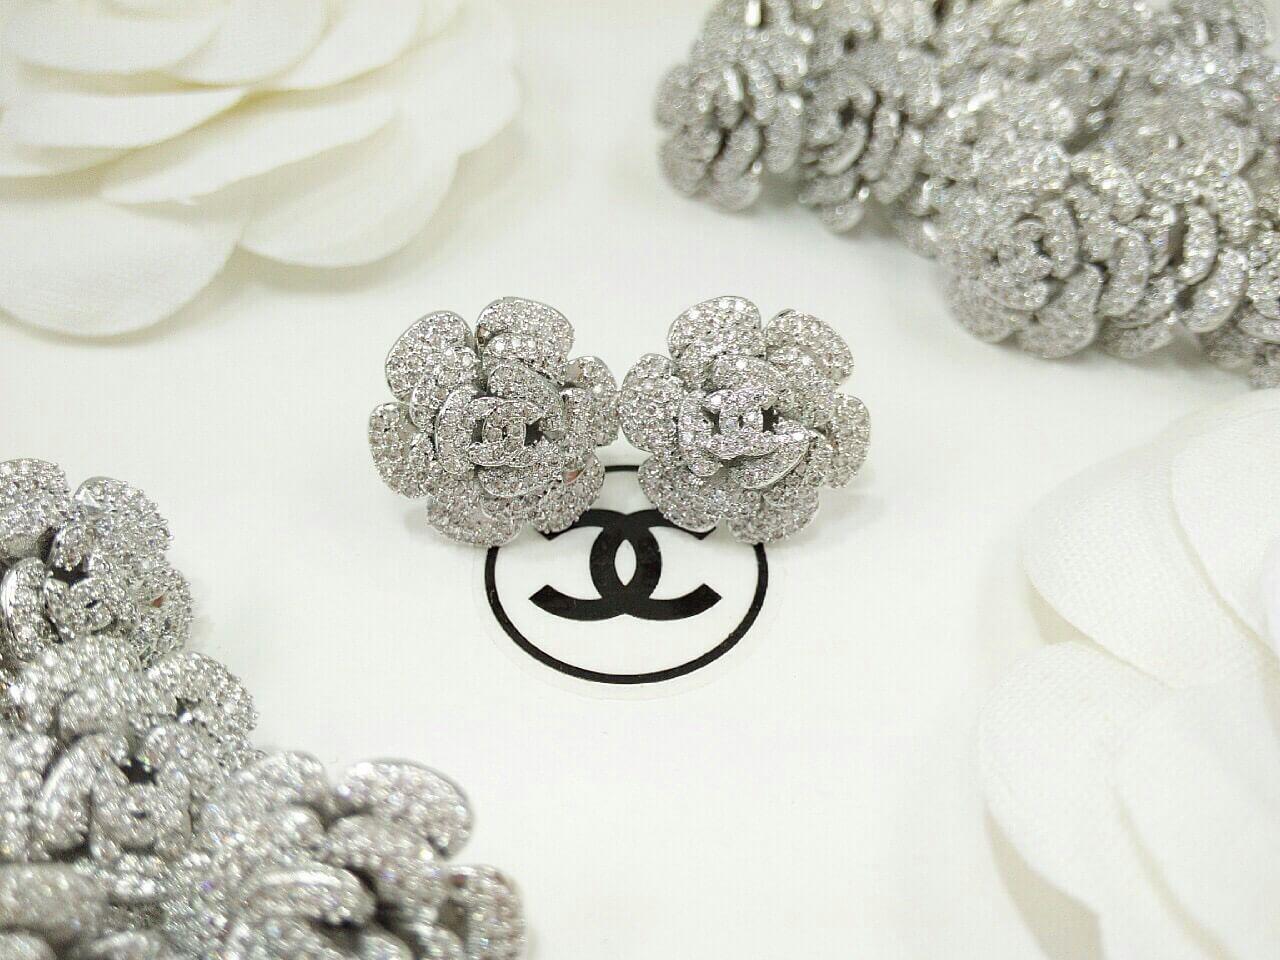 พร้อมส่ง ต่างหู ดอกคาเมเลีย Chanel งานhiend